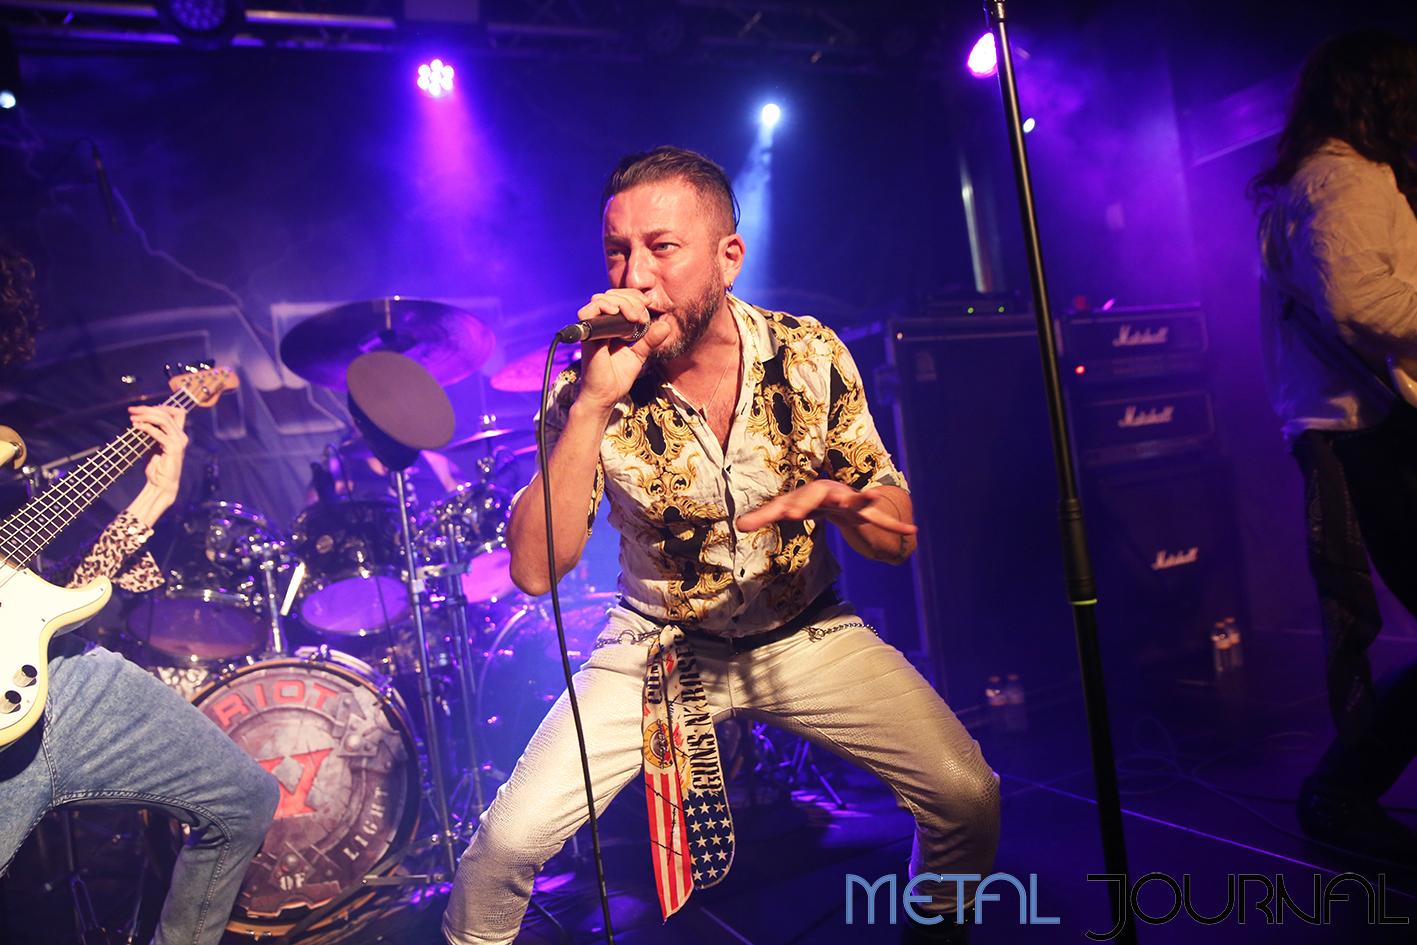 snake - metal journal 2019 pic 3